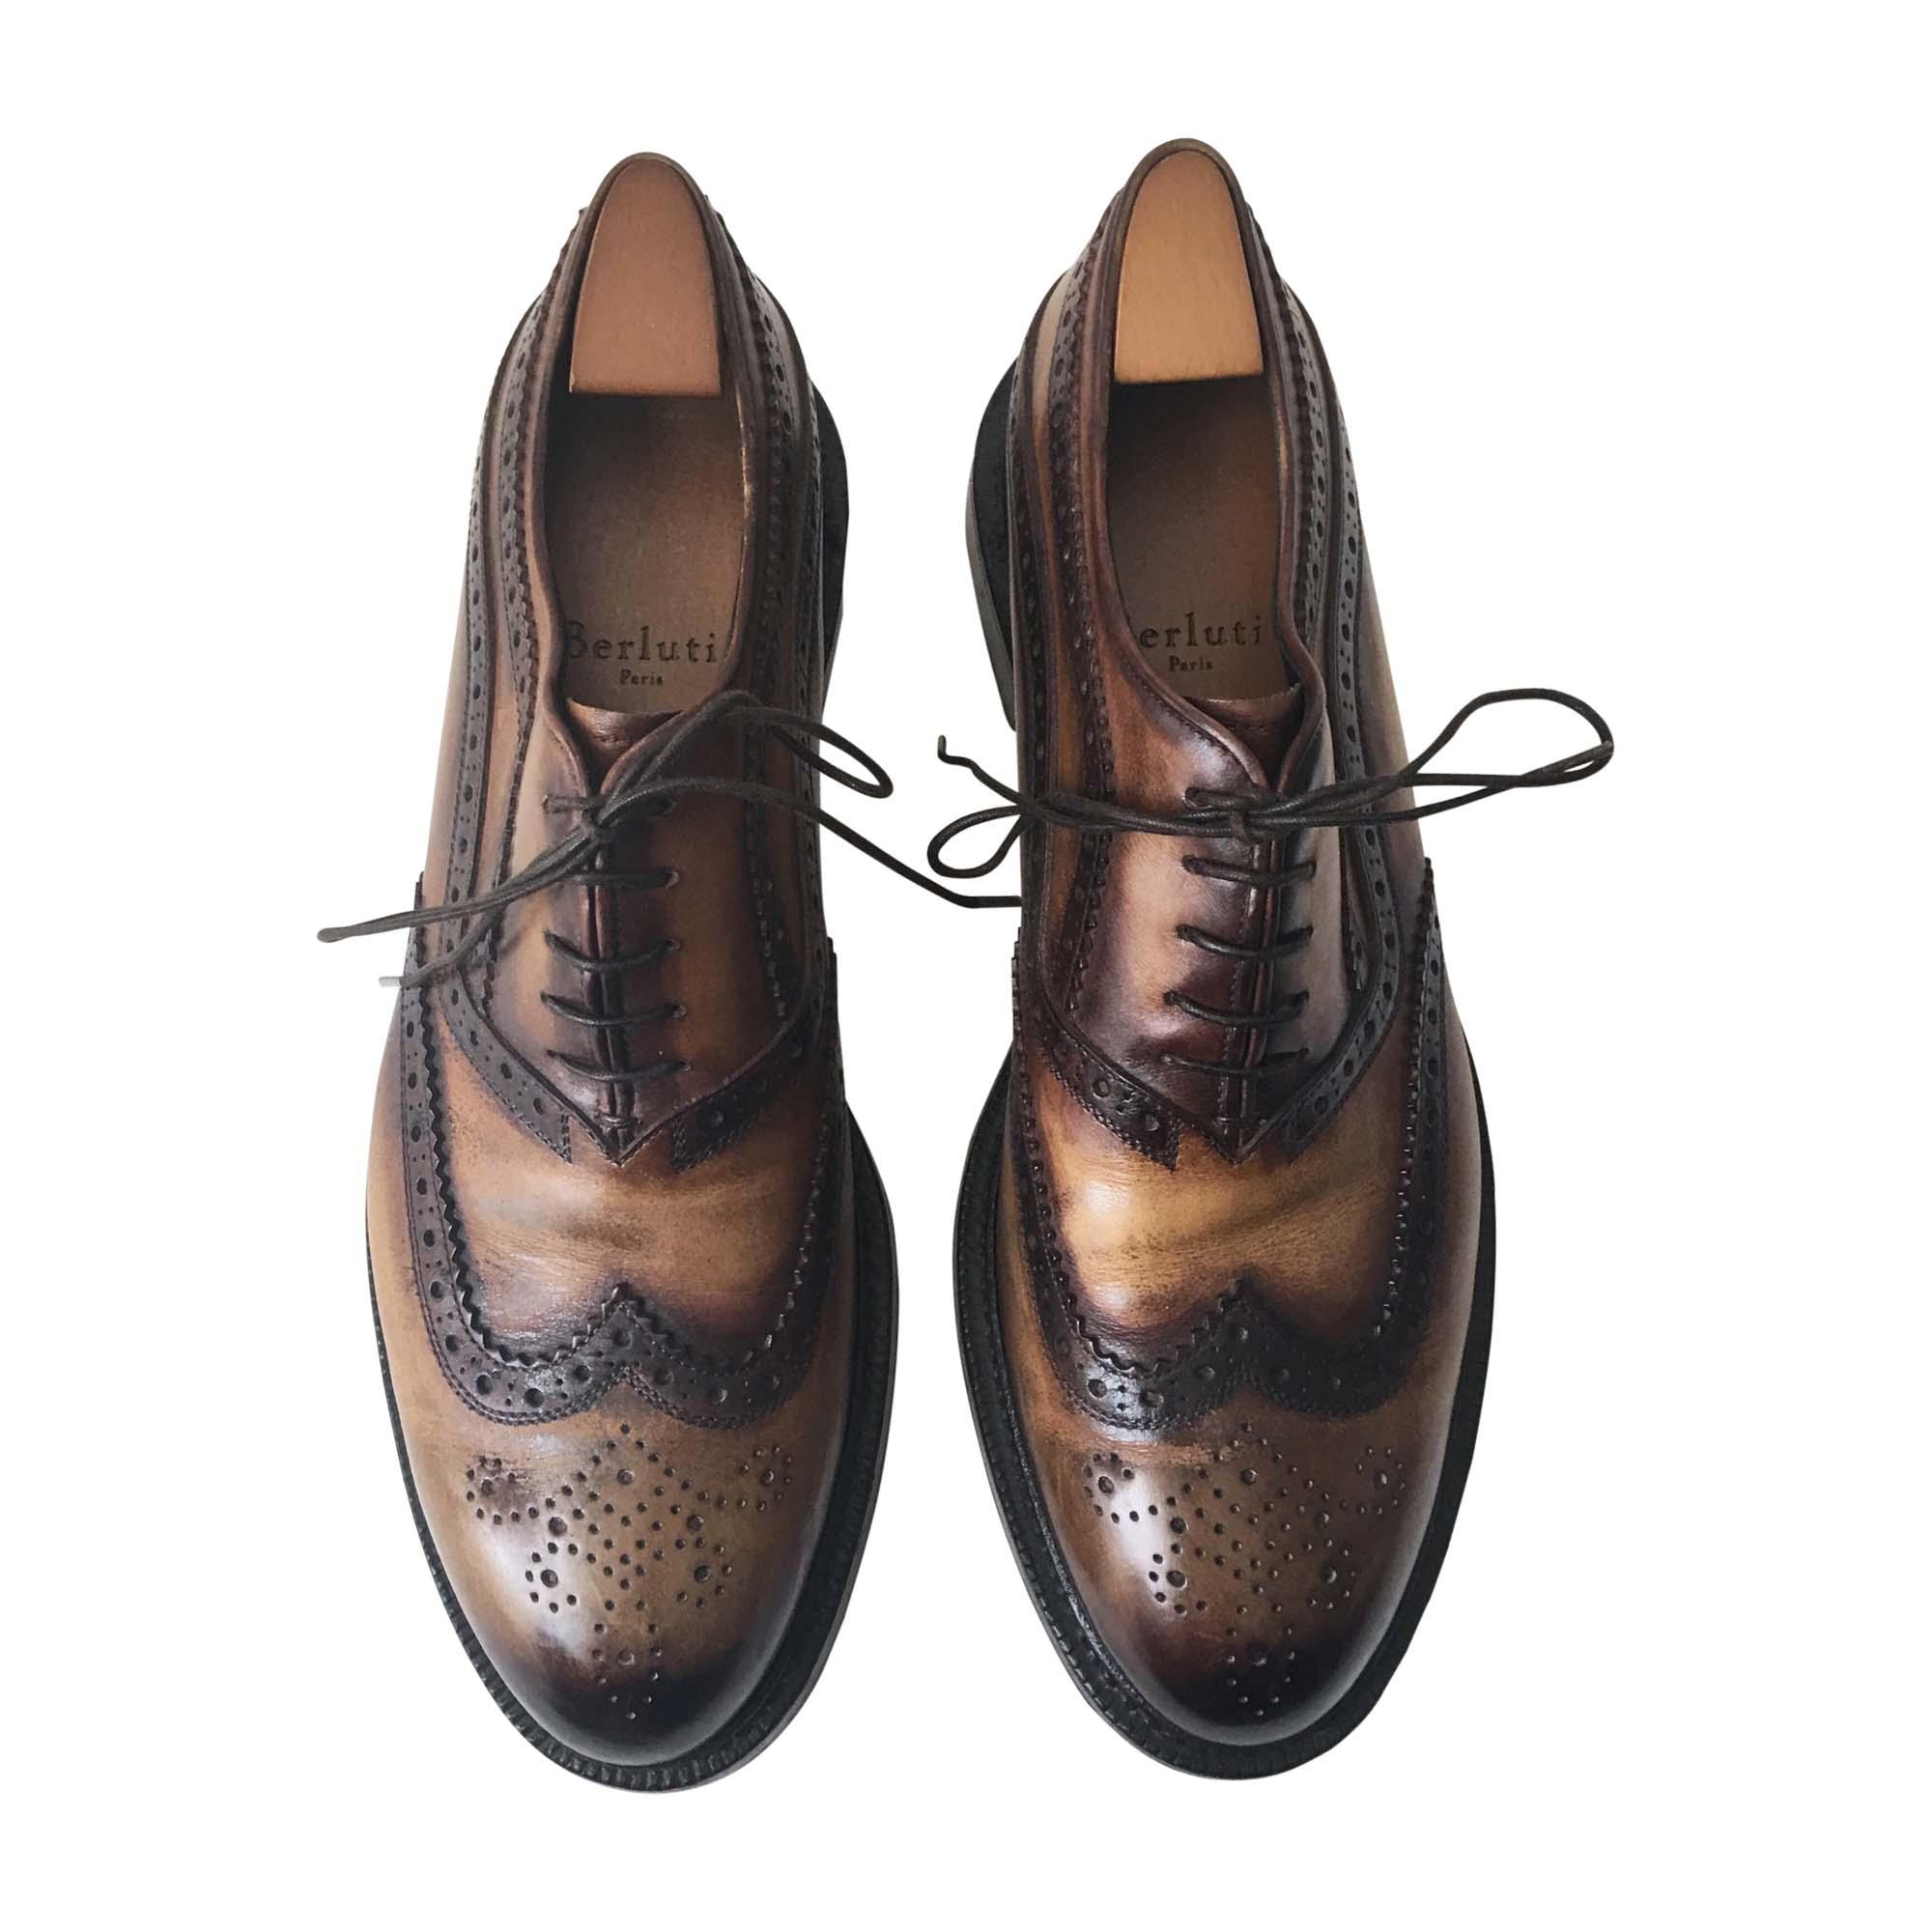 3e189c262678 Chaussures à lacets BERLUTI 42 marron - 7659311